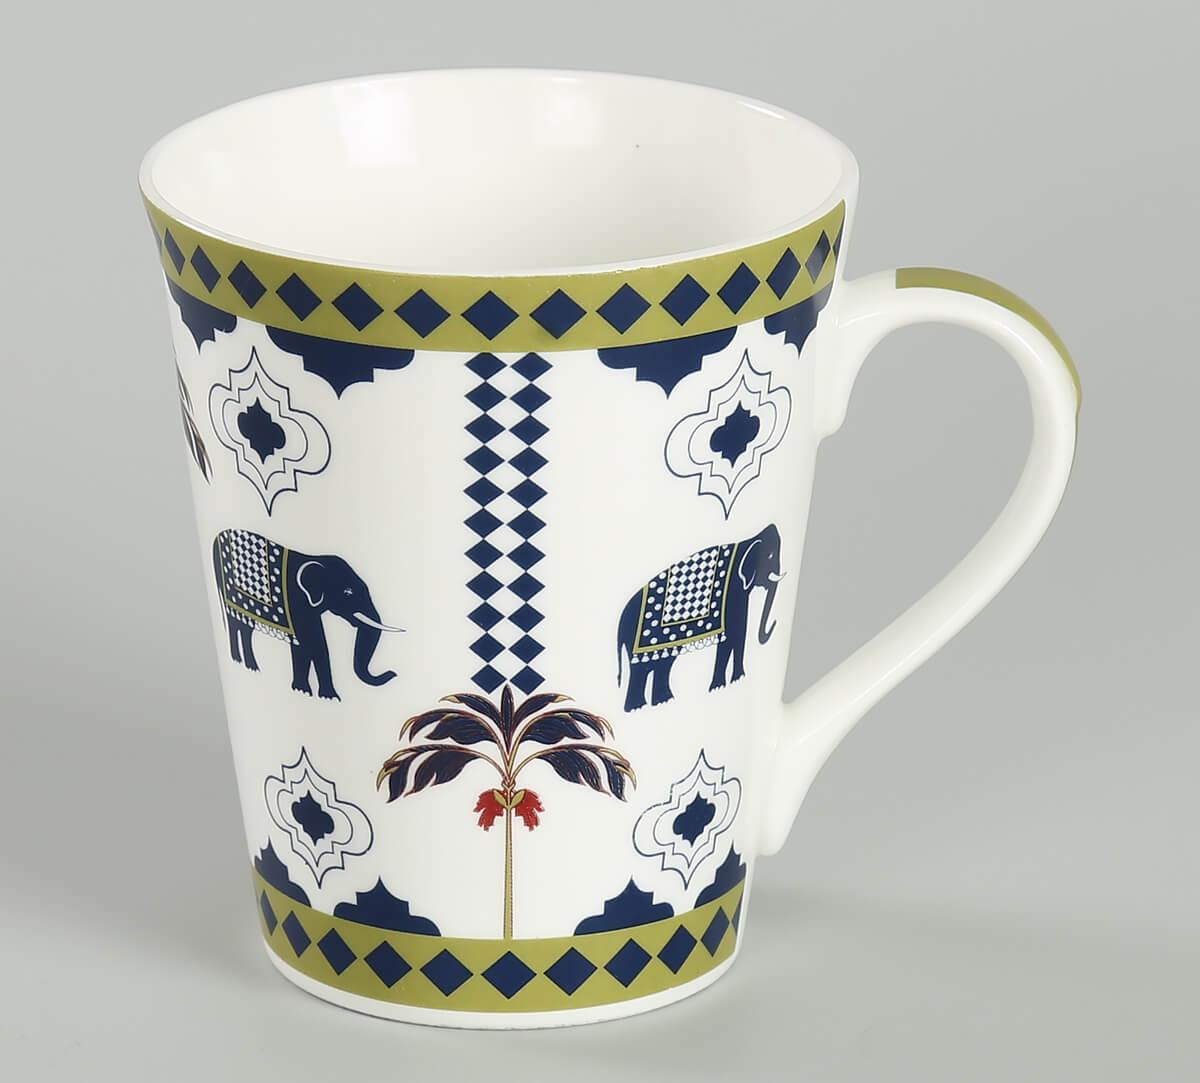 Earthy Symmetry Zing Mug Set of 2